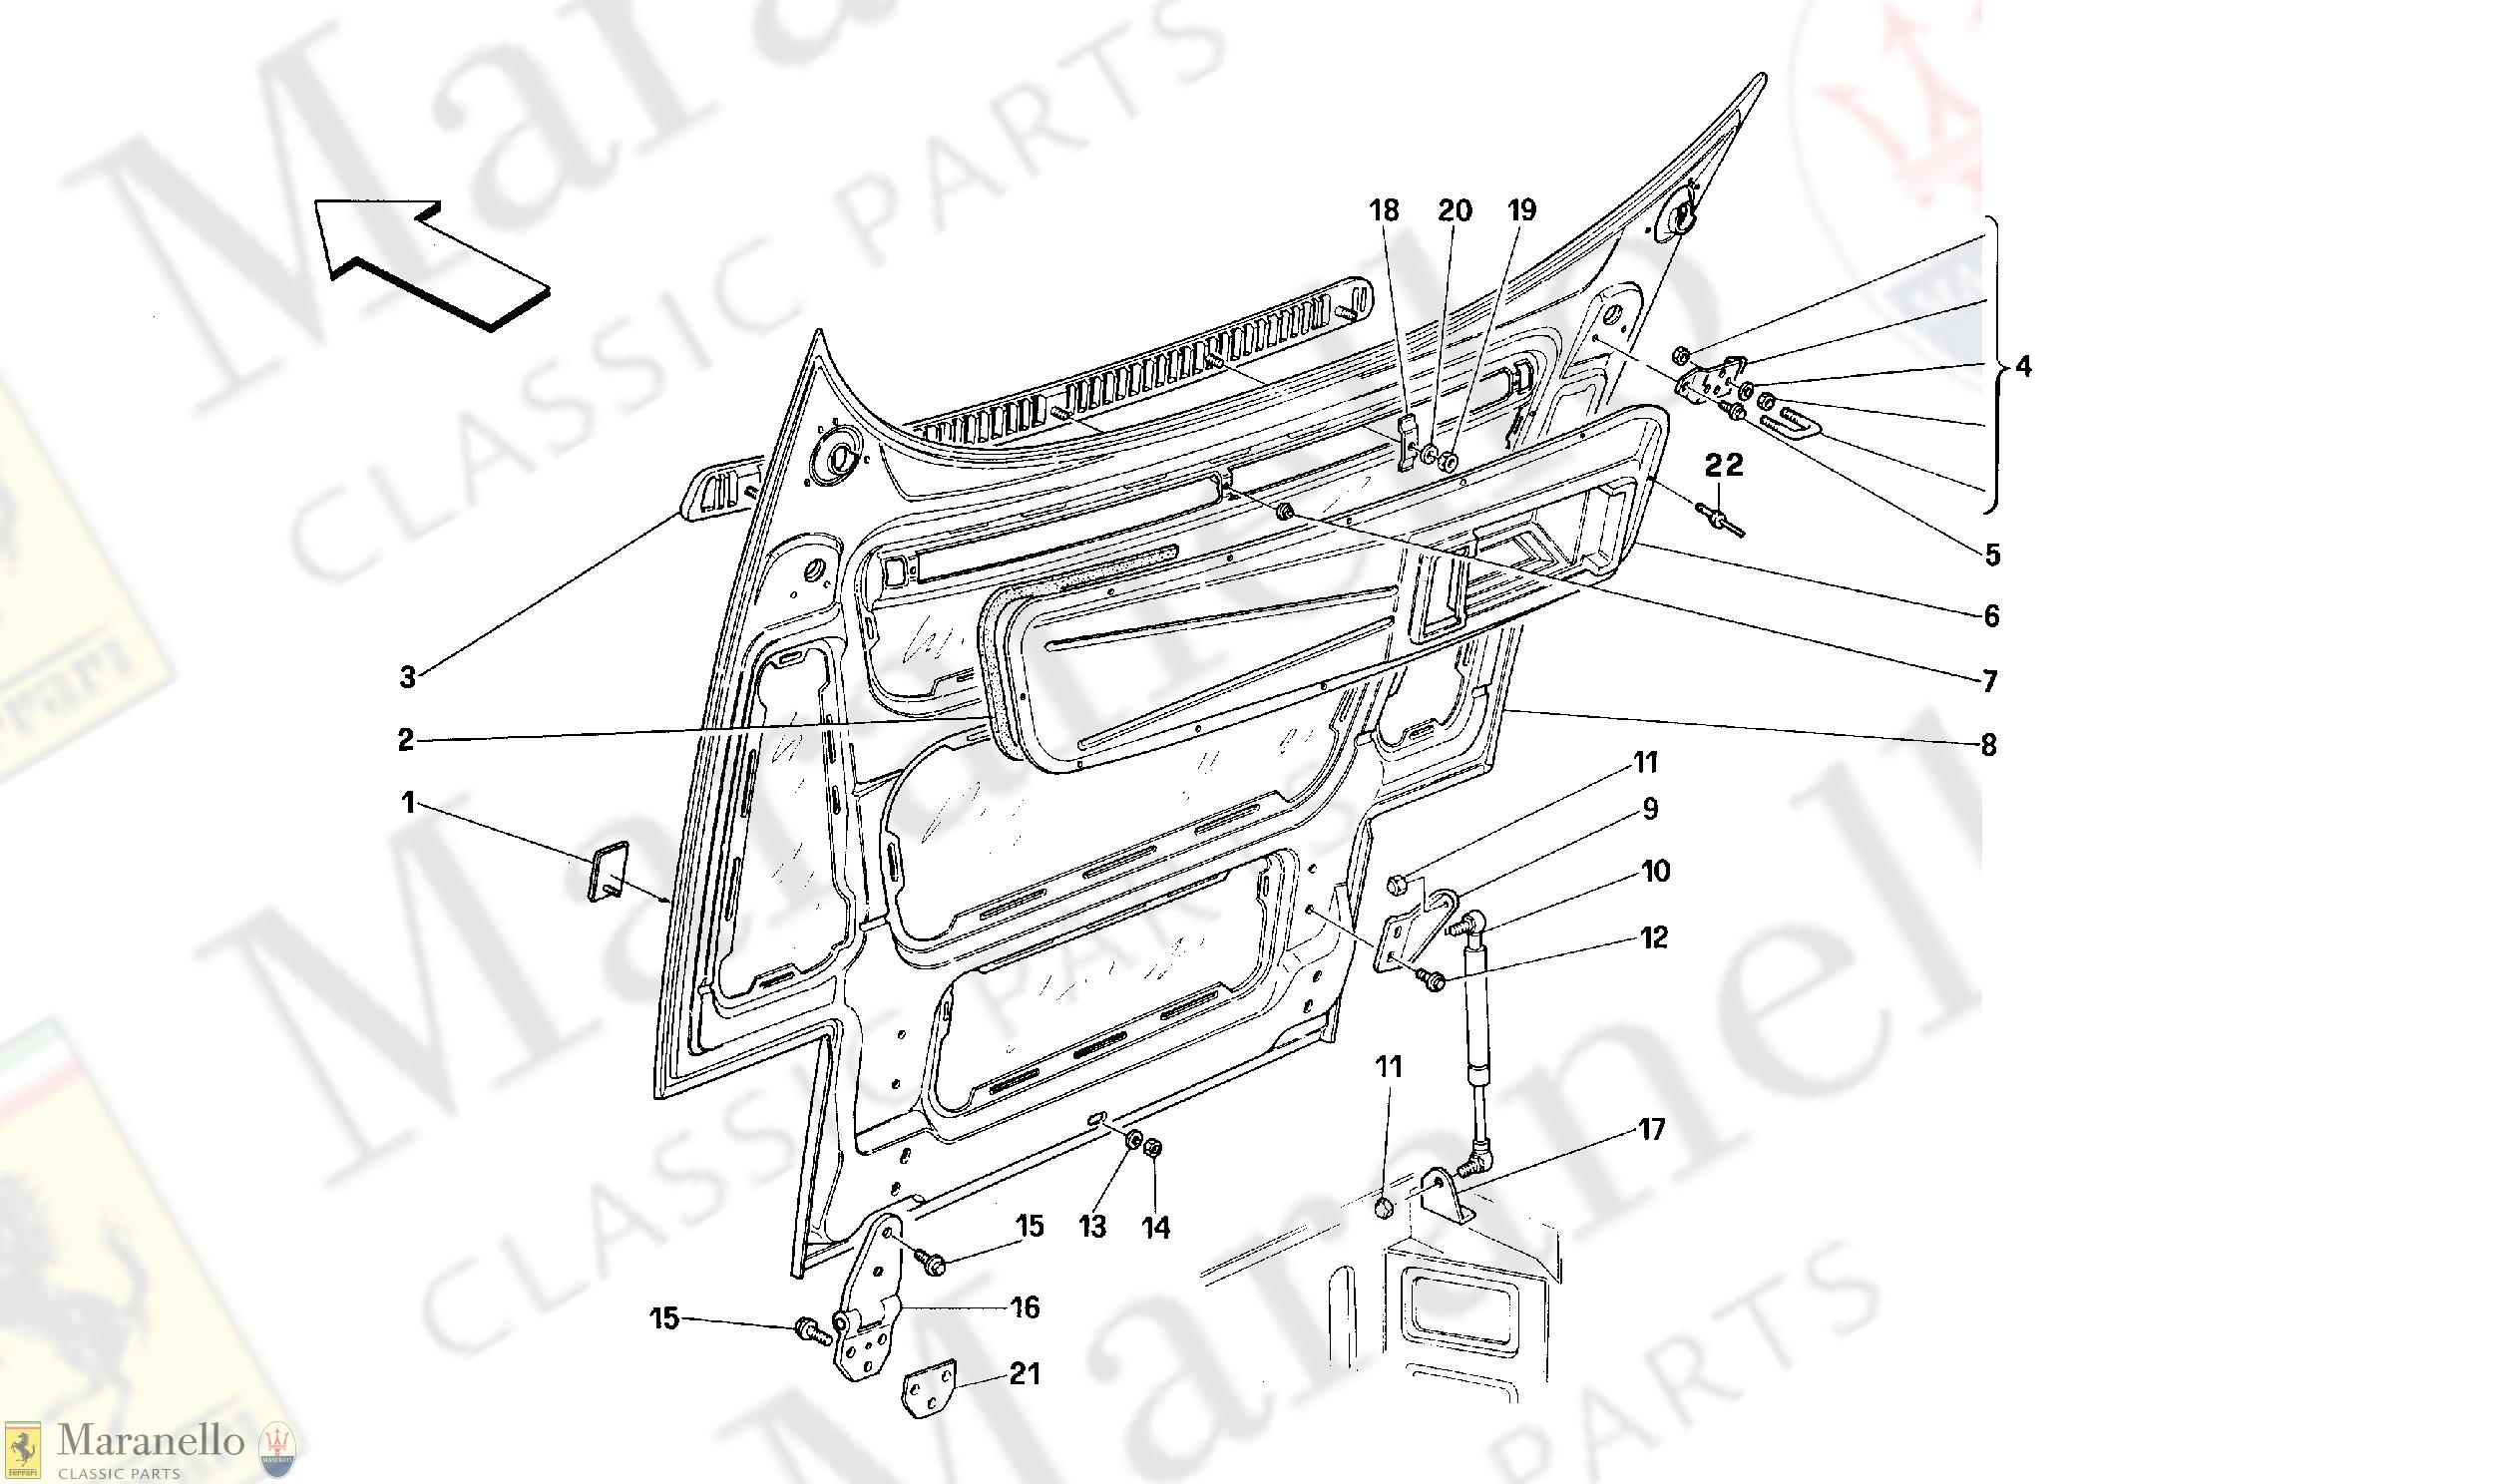 114 - FRONT HOOD parts diagram for Ferrari 348 GTB/GTS/GTC ... Ferrari Schematics Diagrams on